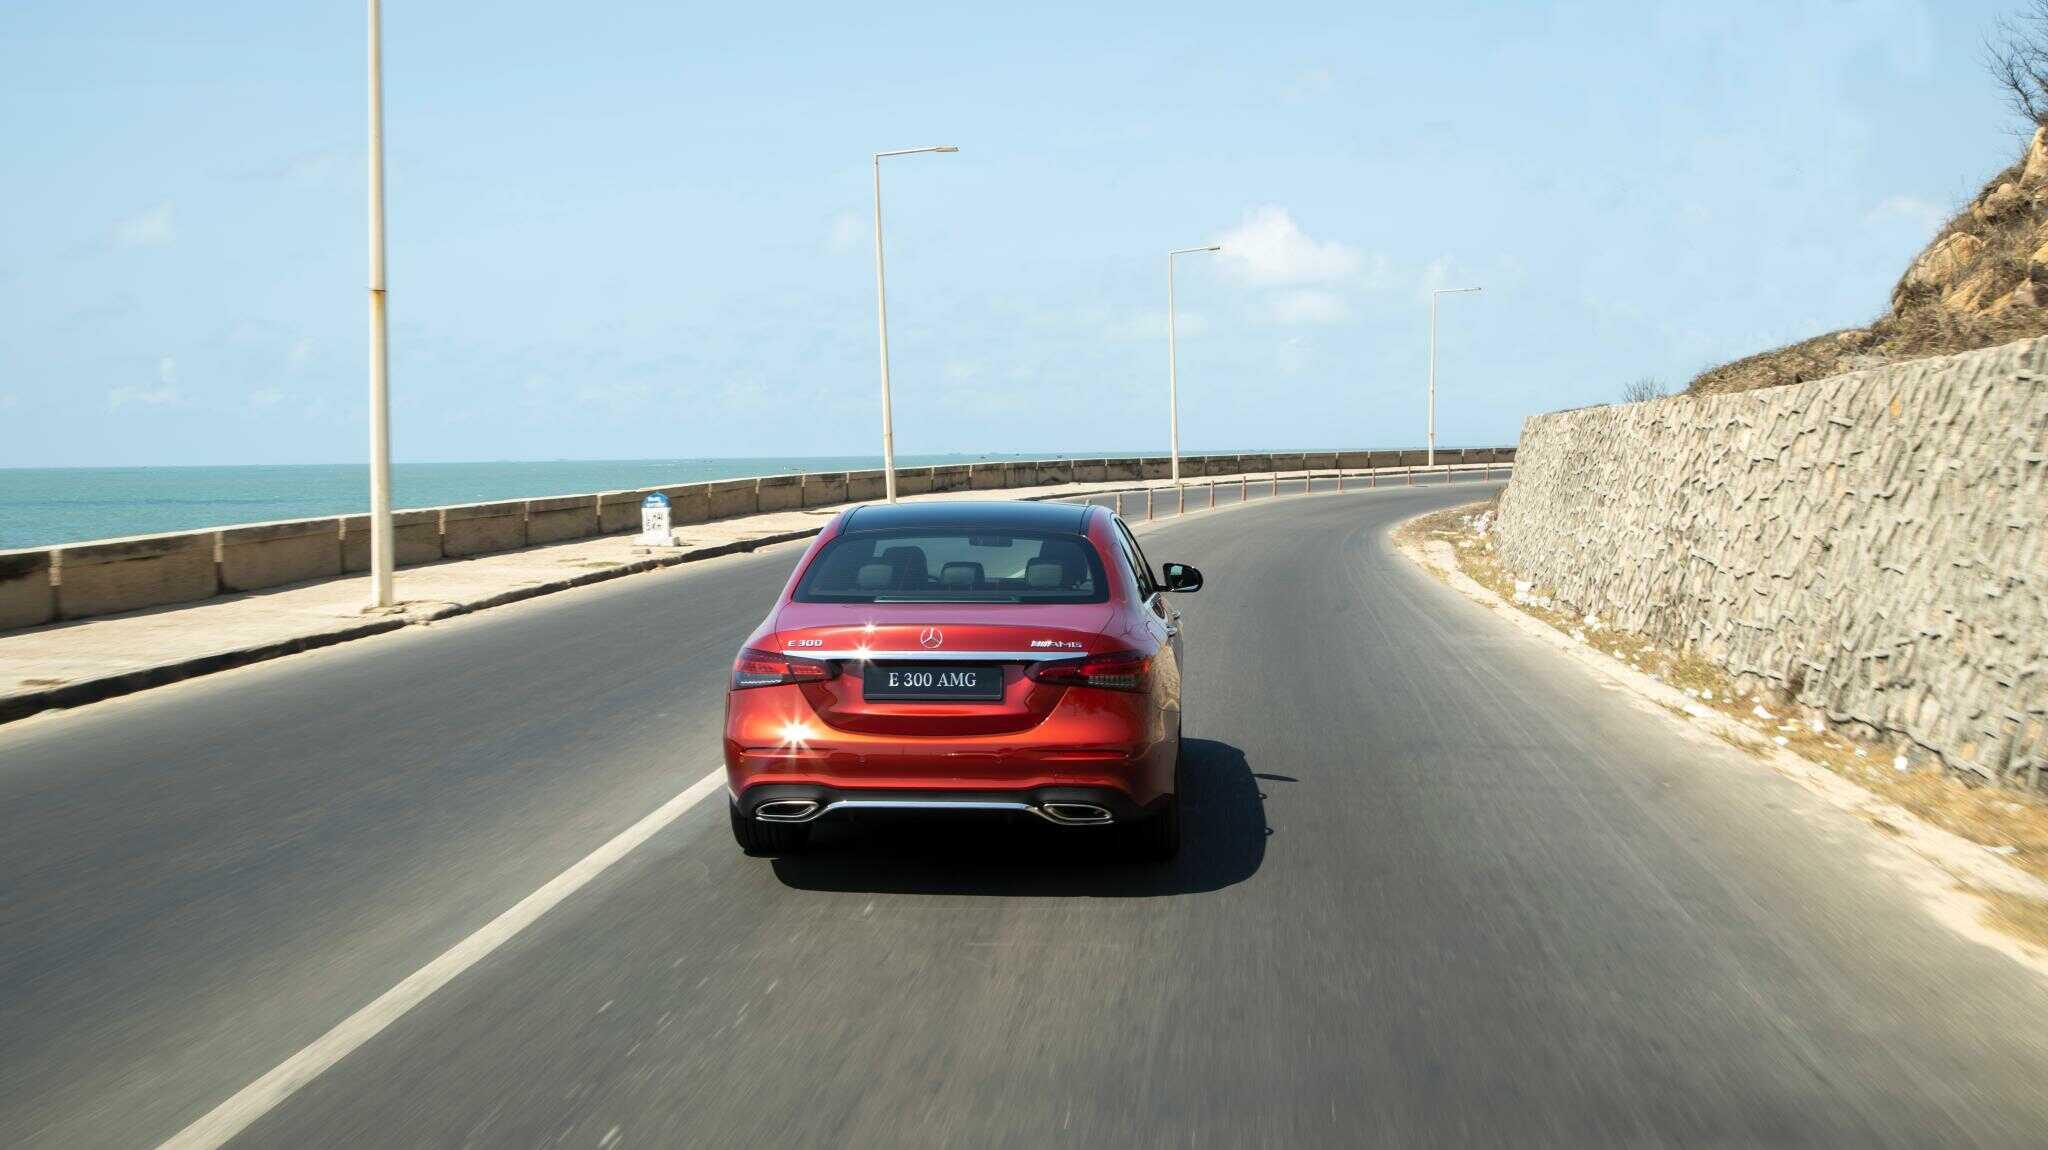 """Cuối cùng là những tính năng an toàn được trang bị trên xe Mercedes E300 AMG 2021 cũng khá tương đồng so với những chiếc xe sang khác của hãng. Một vài tính năng có thể kể đến như : Chức năng cảnh báo mất tập trung ATTENTION ASSIST, hệ thống tự động bảo vệ PRE-SAFE®, hệ thống chống bó cứng phanh ABS; Hỗ trợ lực phanh khẩn cấp BAS; Chống trượt khi tăng tốc ASR; Ổn định thân xe điện tử ESP và hỗ trợ ổn định xe khi gió thổi ngang, hệ thống phanh ADAPTIVE với chức năng hỗ trợ dừng xe (HOLD) và hỗ trợ khởi hành ngang dốc (Hill-Start Assist), Đèn phanh Adaptive nhấp nháy khi phanh gấp,Túi khí phía trước; túi khí bên hông phía trước; túi khí cửa sổ, túi khí cho đầu gối người lái…. Mercedes E300 AMG 2021 thực sự là """"đứa con cưng"""" của hãng Mercedes khi được sở hữu đầy đủ những yêu tố của một tiểu """"S-Class"""" . Đây là chiếc xe hết sức phù hợp cho những doanh nhân trẻ thành đạt và cá tính muốn chứng minh sự thành công của bản thân bằng một chiếc xe tương đương giá trị của bản thân."""